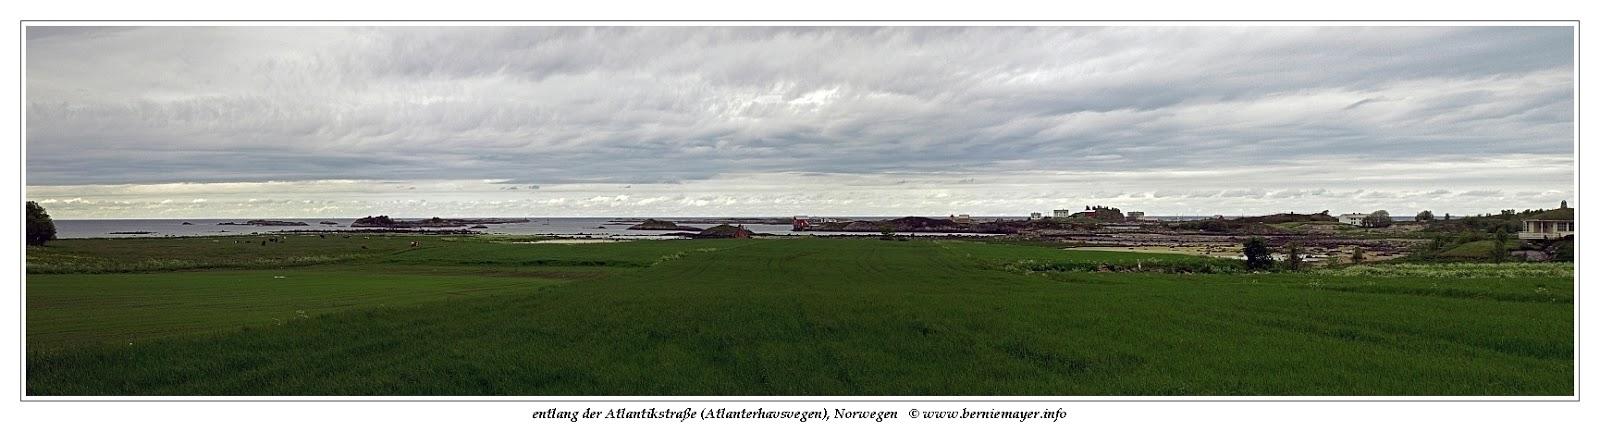 Atlanterhavsvegen